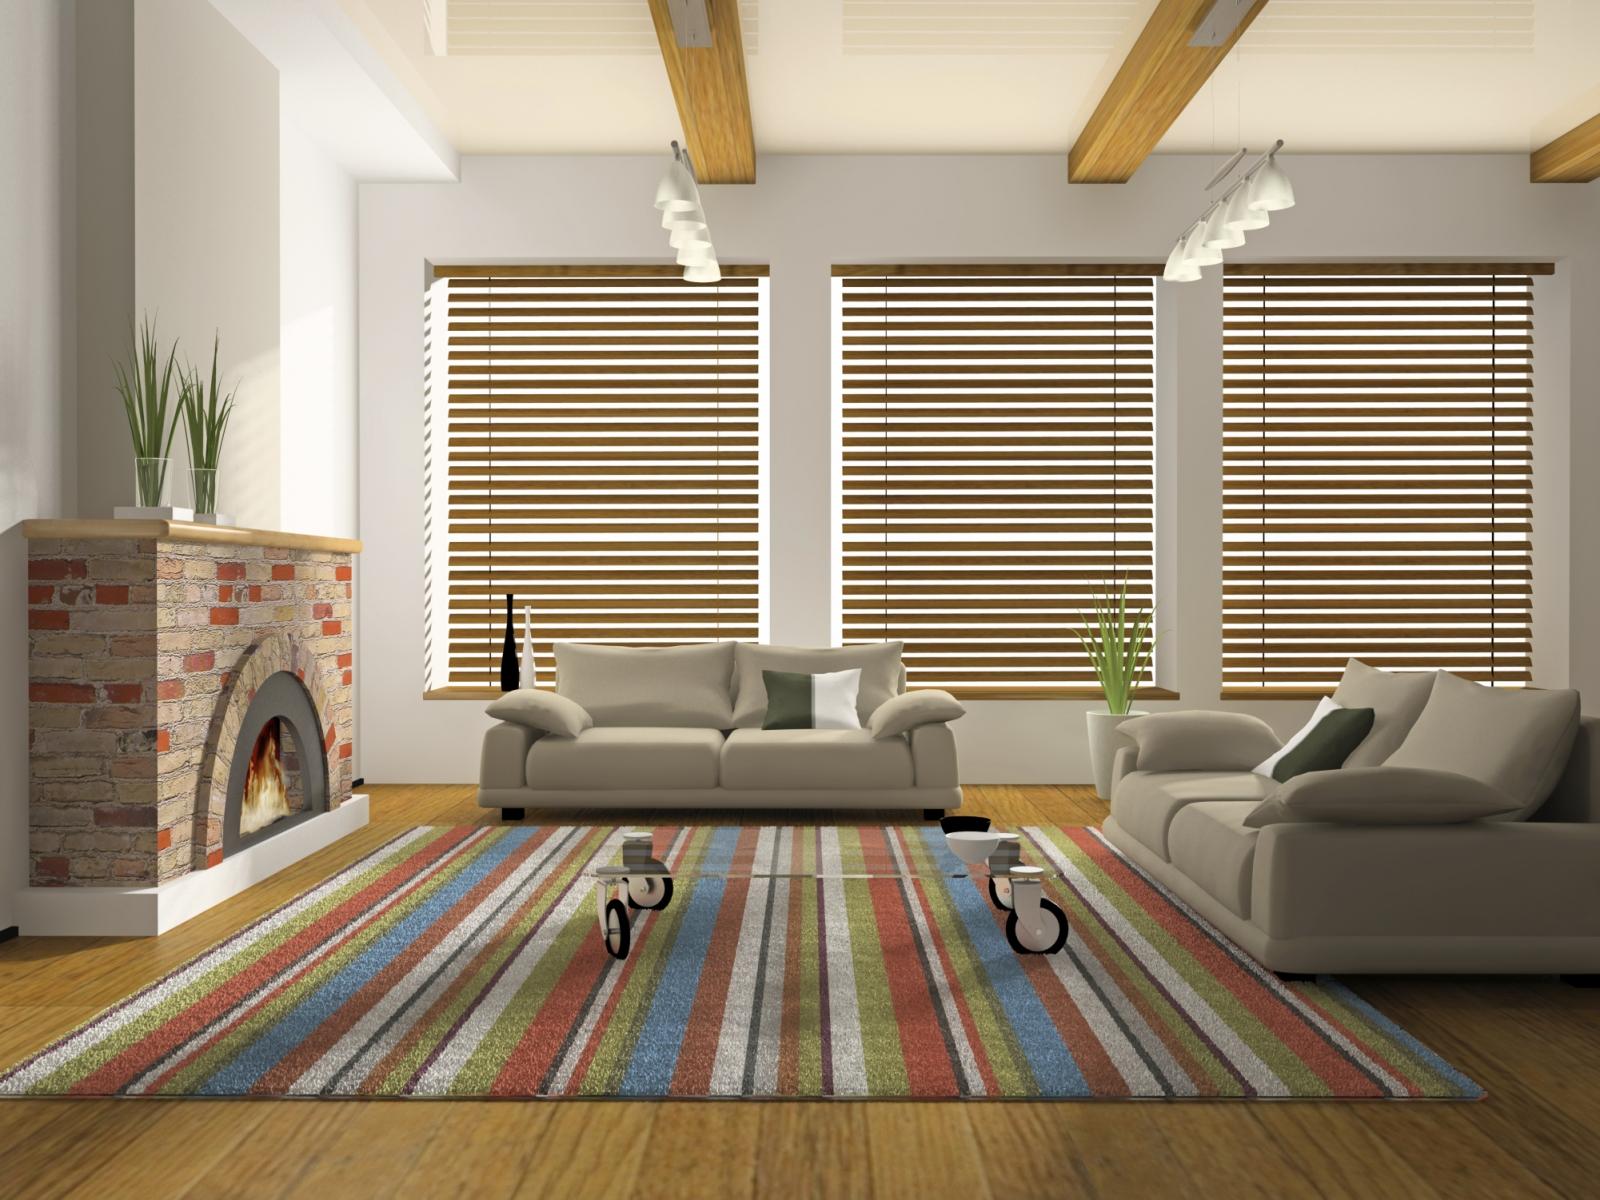 Persianas imagui for Family room area rug ideas